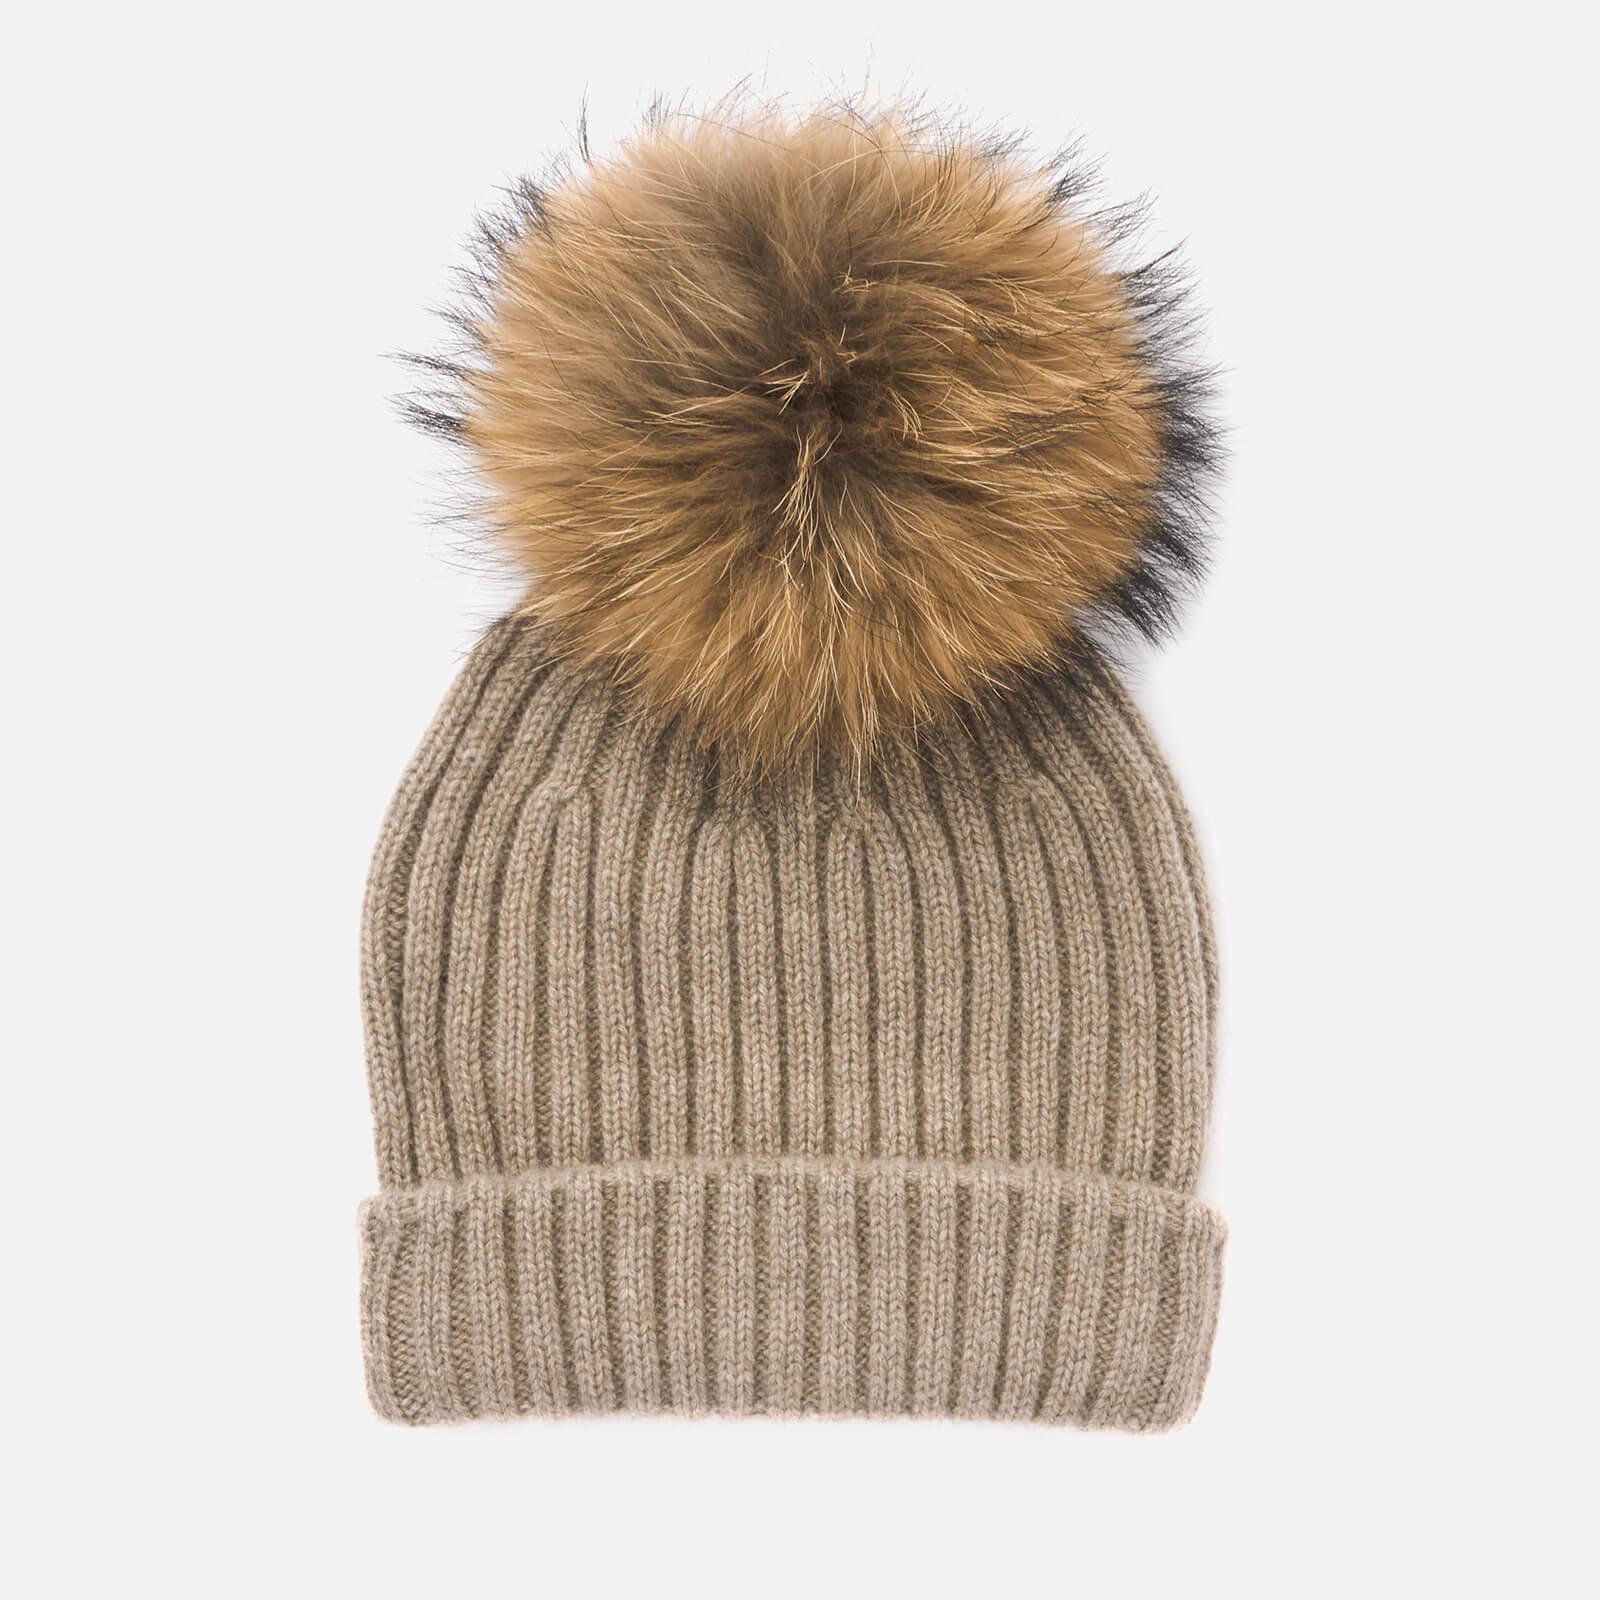 5caf913e918 BKLYN. Women s Cashmere Pom Pom Hat